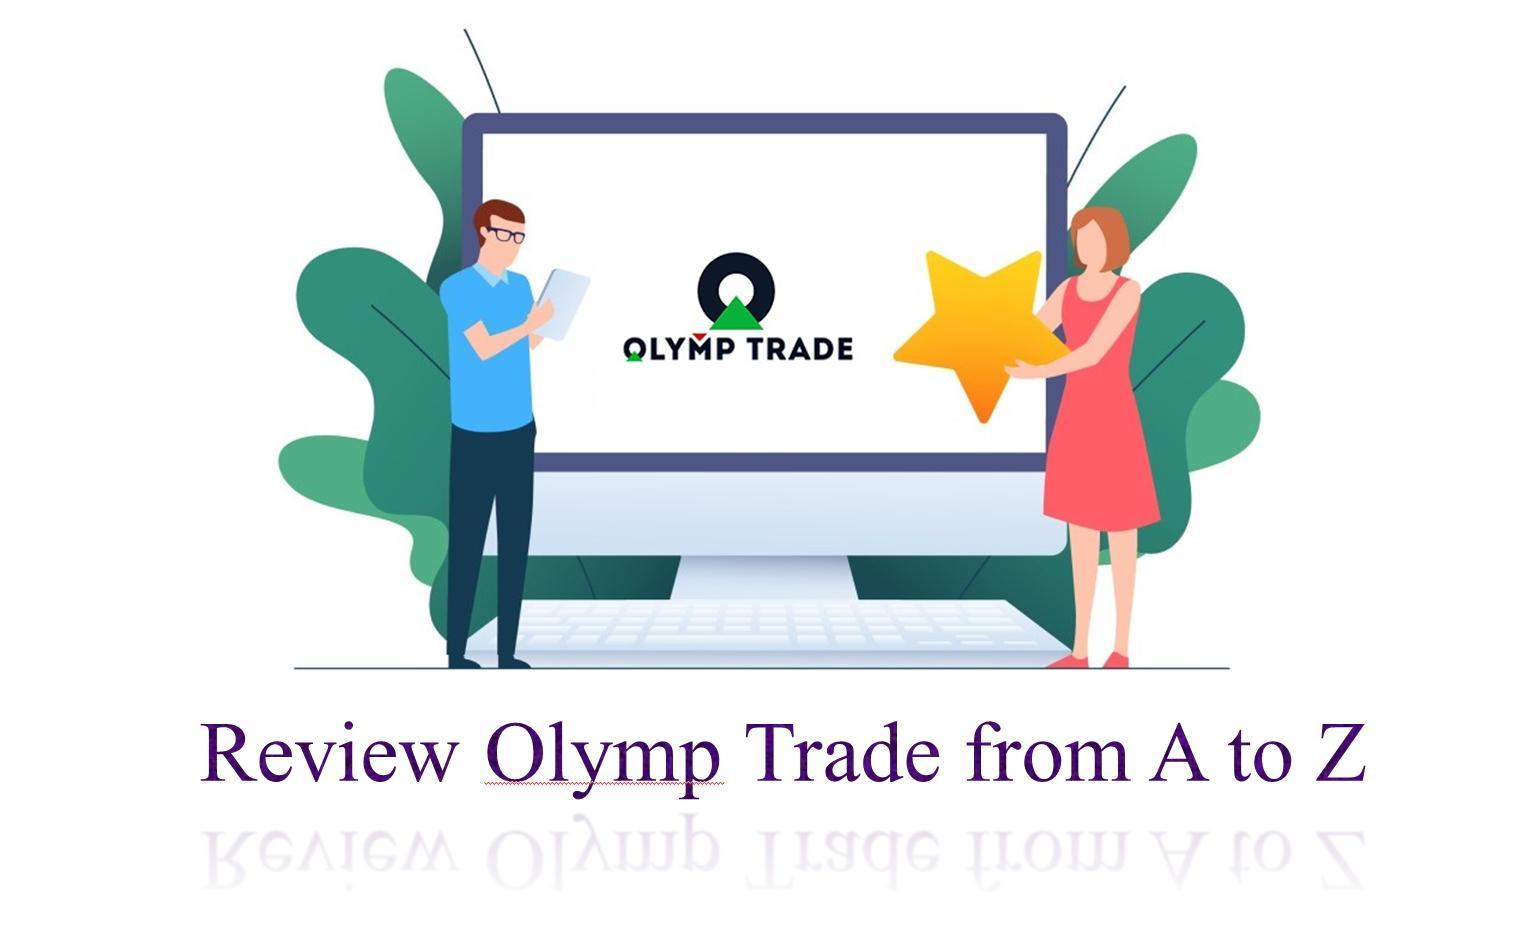 Ulasan detail tentang platform perdagangan Olymp Trade